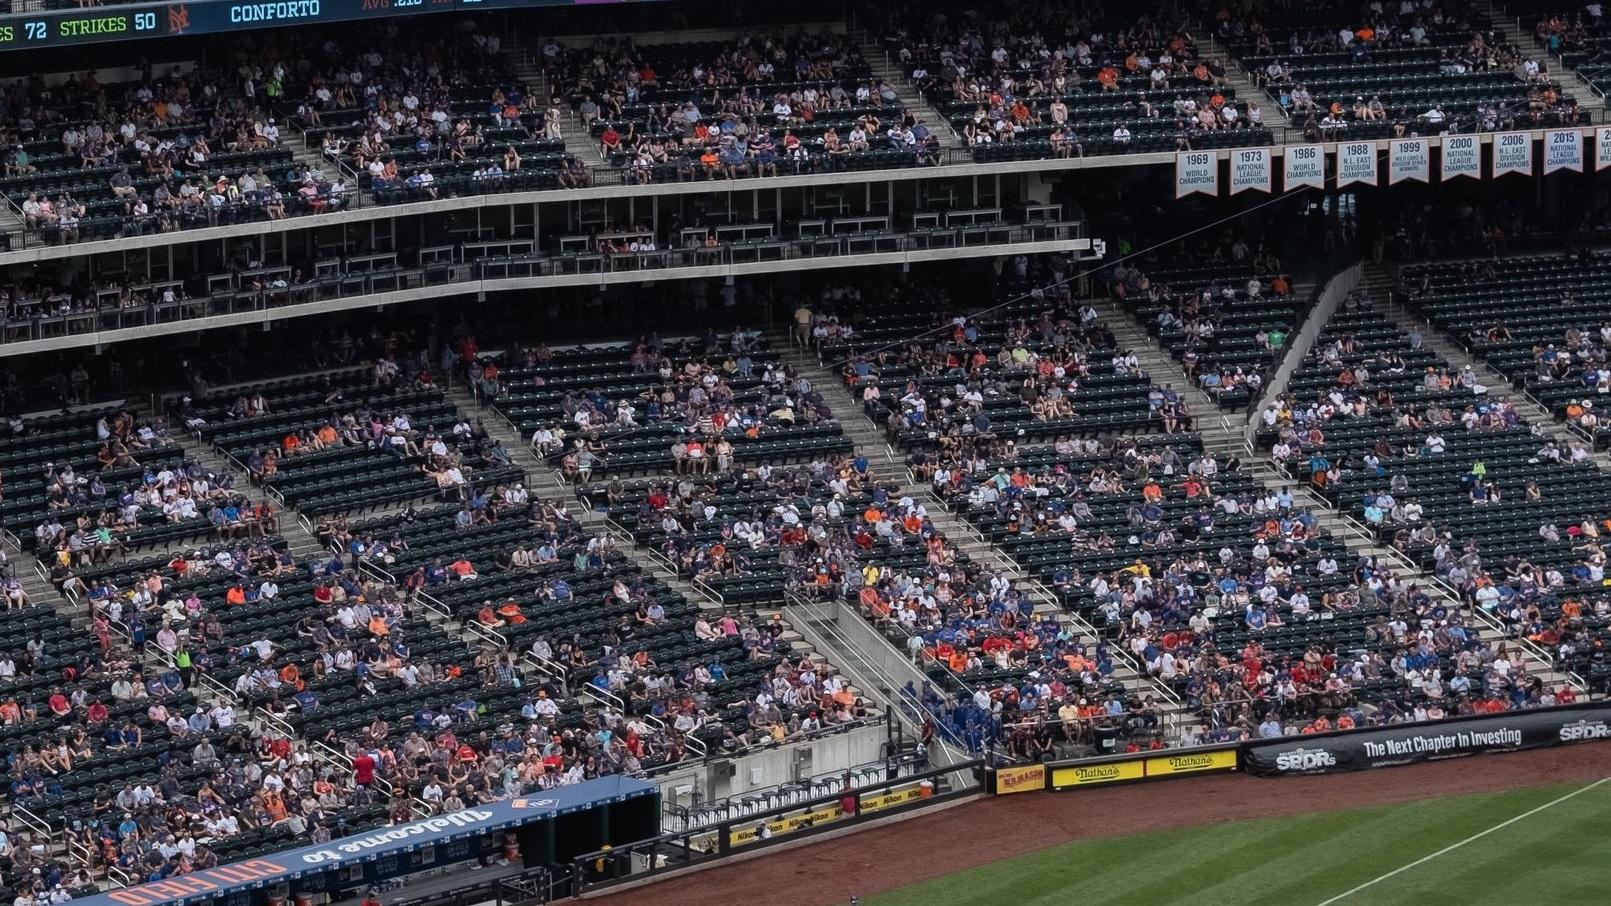 Yankee Stadium - New York City FC delar arena med Baseboll-laget New York Yankees. Arenan har en maxkapacitet på 47 309 åskådare men under MLS-matcherna tar arenan 28 743 personer. Klubben är en av de populäraste i MLS och hade ett publiksnitt på över 23 000 åskådare i fjol.